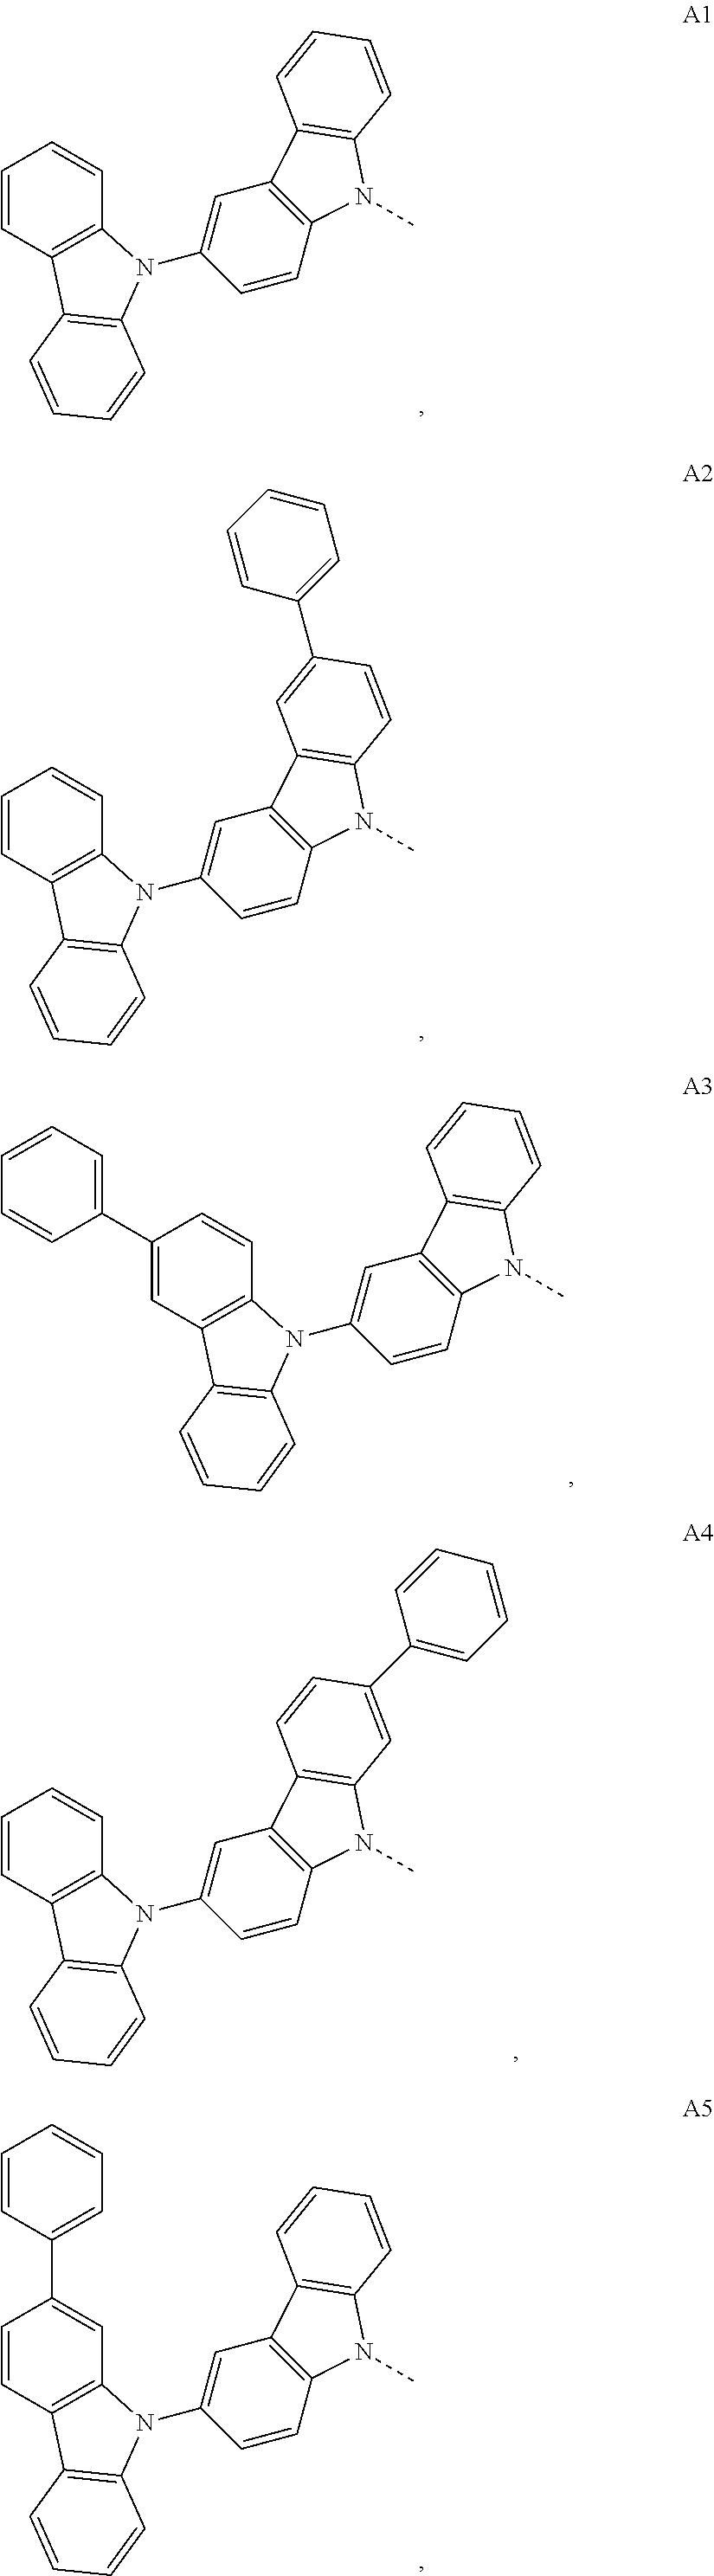 Figure US09876173-20180123-C00035